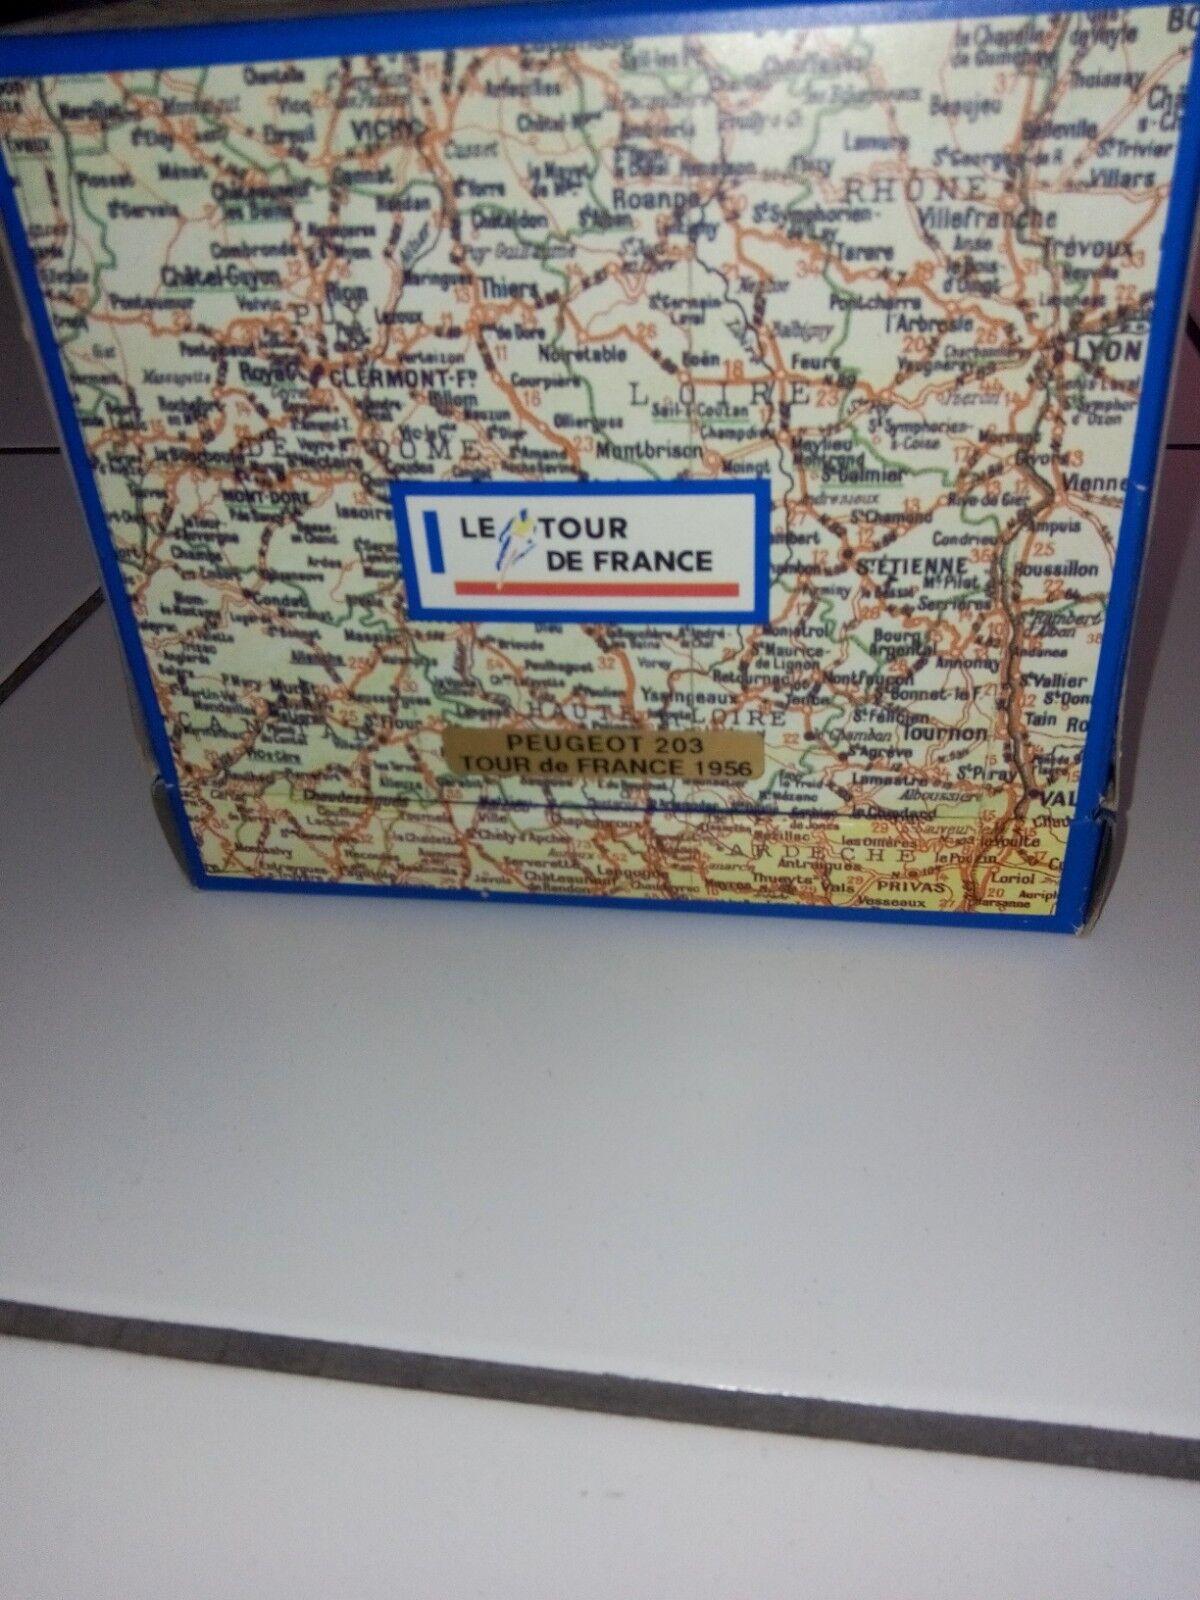 Norev peugeot peugeot peugeot 203 tour de france série émotion coffret carton made in france 1d1846